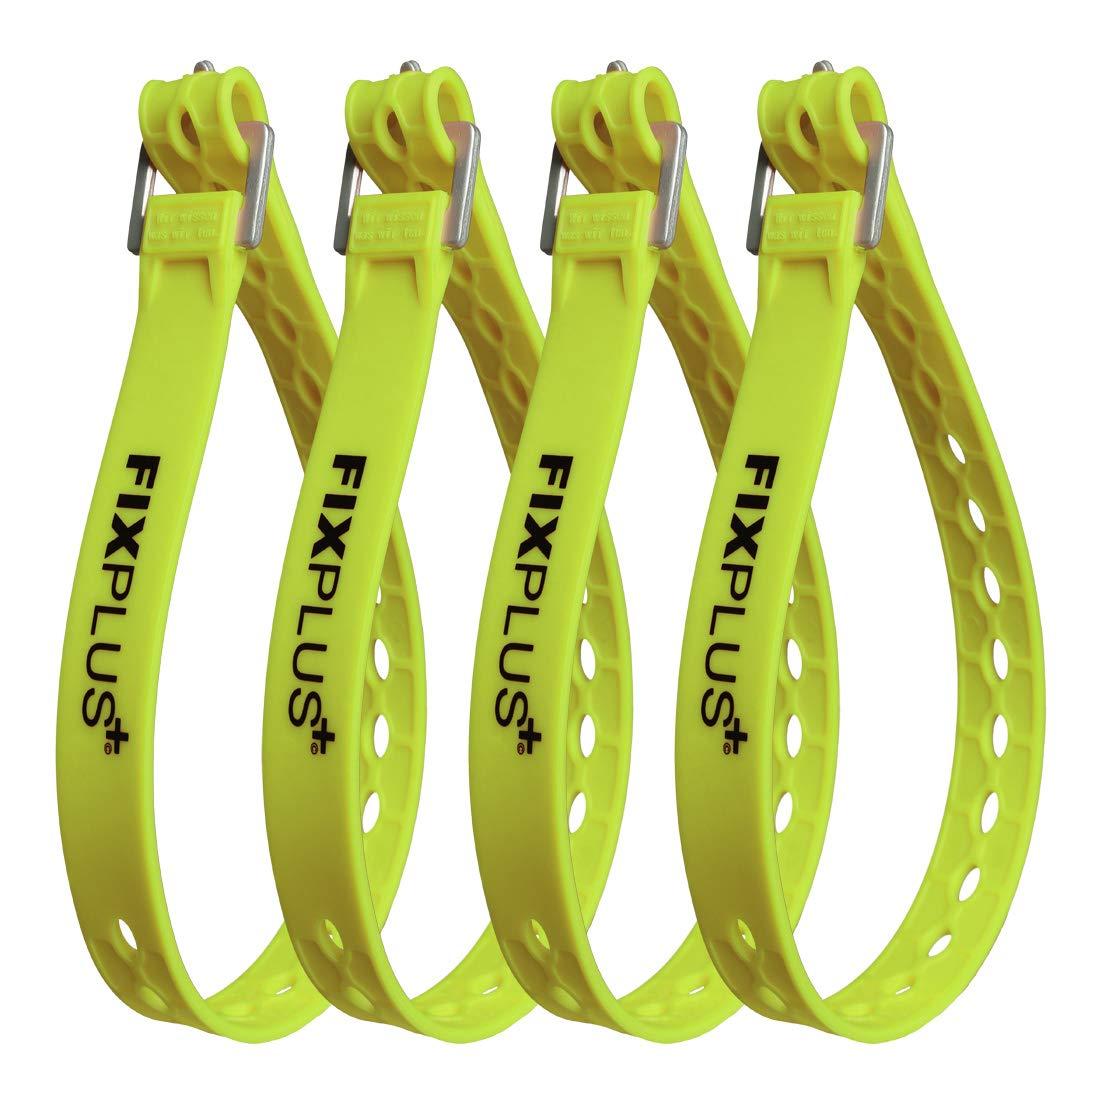 Pack de 4 Correas de Amarre para Fijar Fixplus Strap de pl/ástico Especial con Hebilla de Aluminio 66 cm x 2,4 cm unir y amarrar